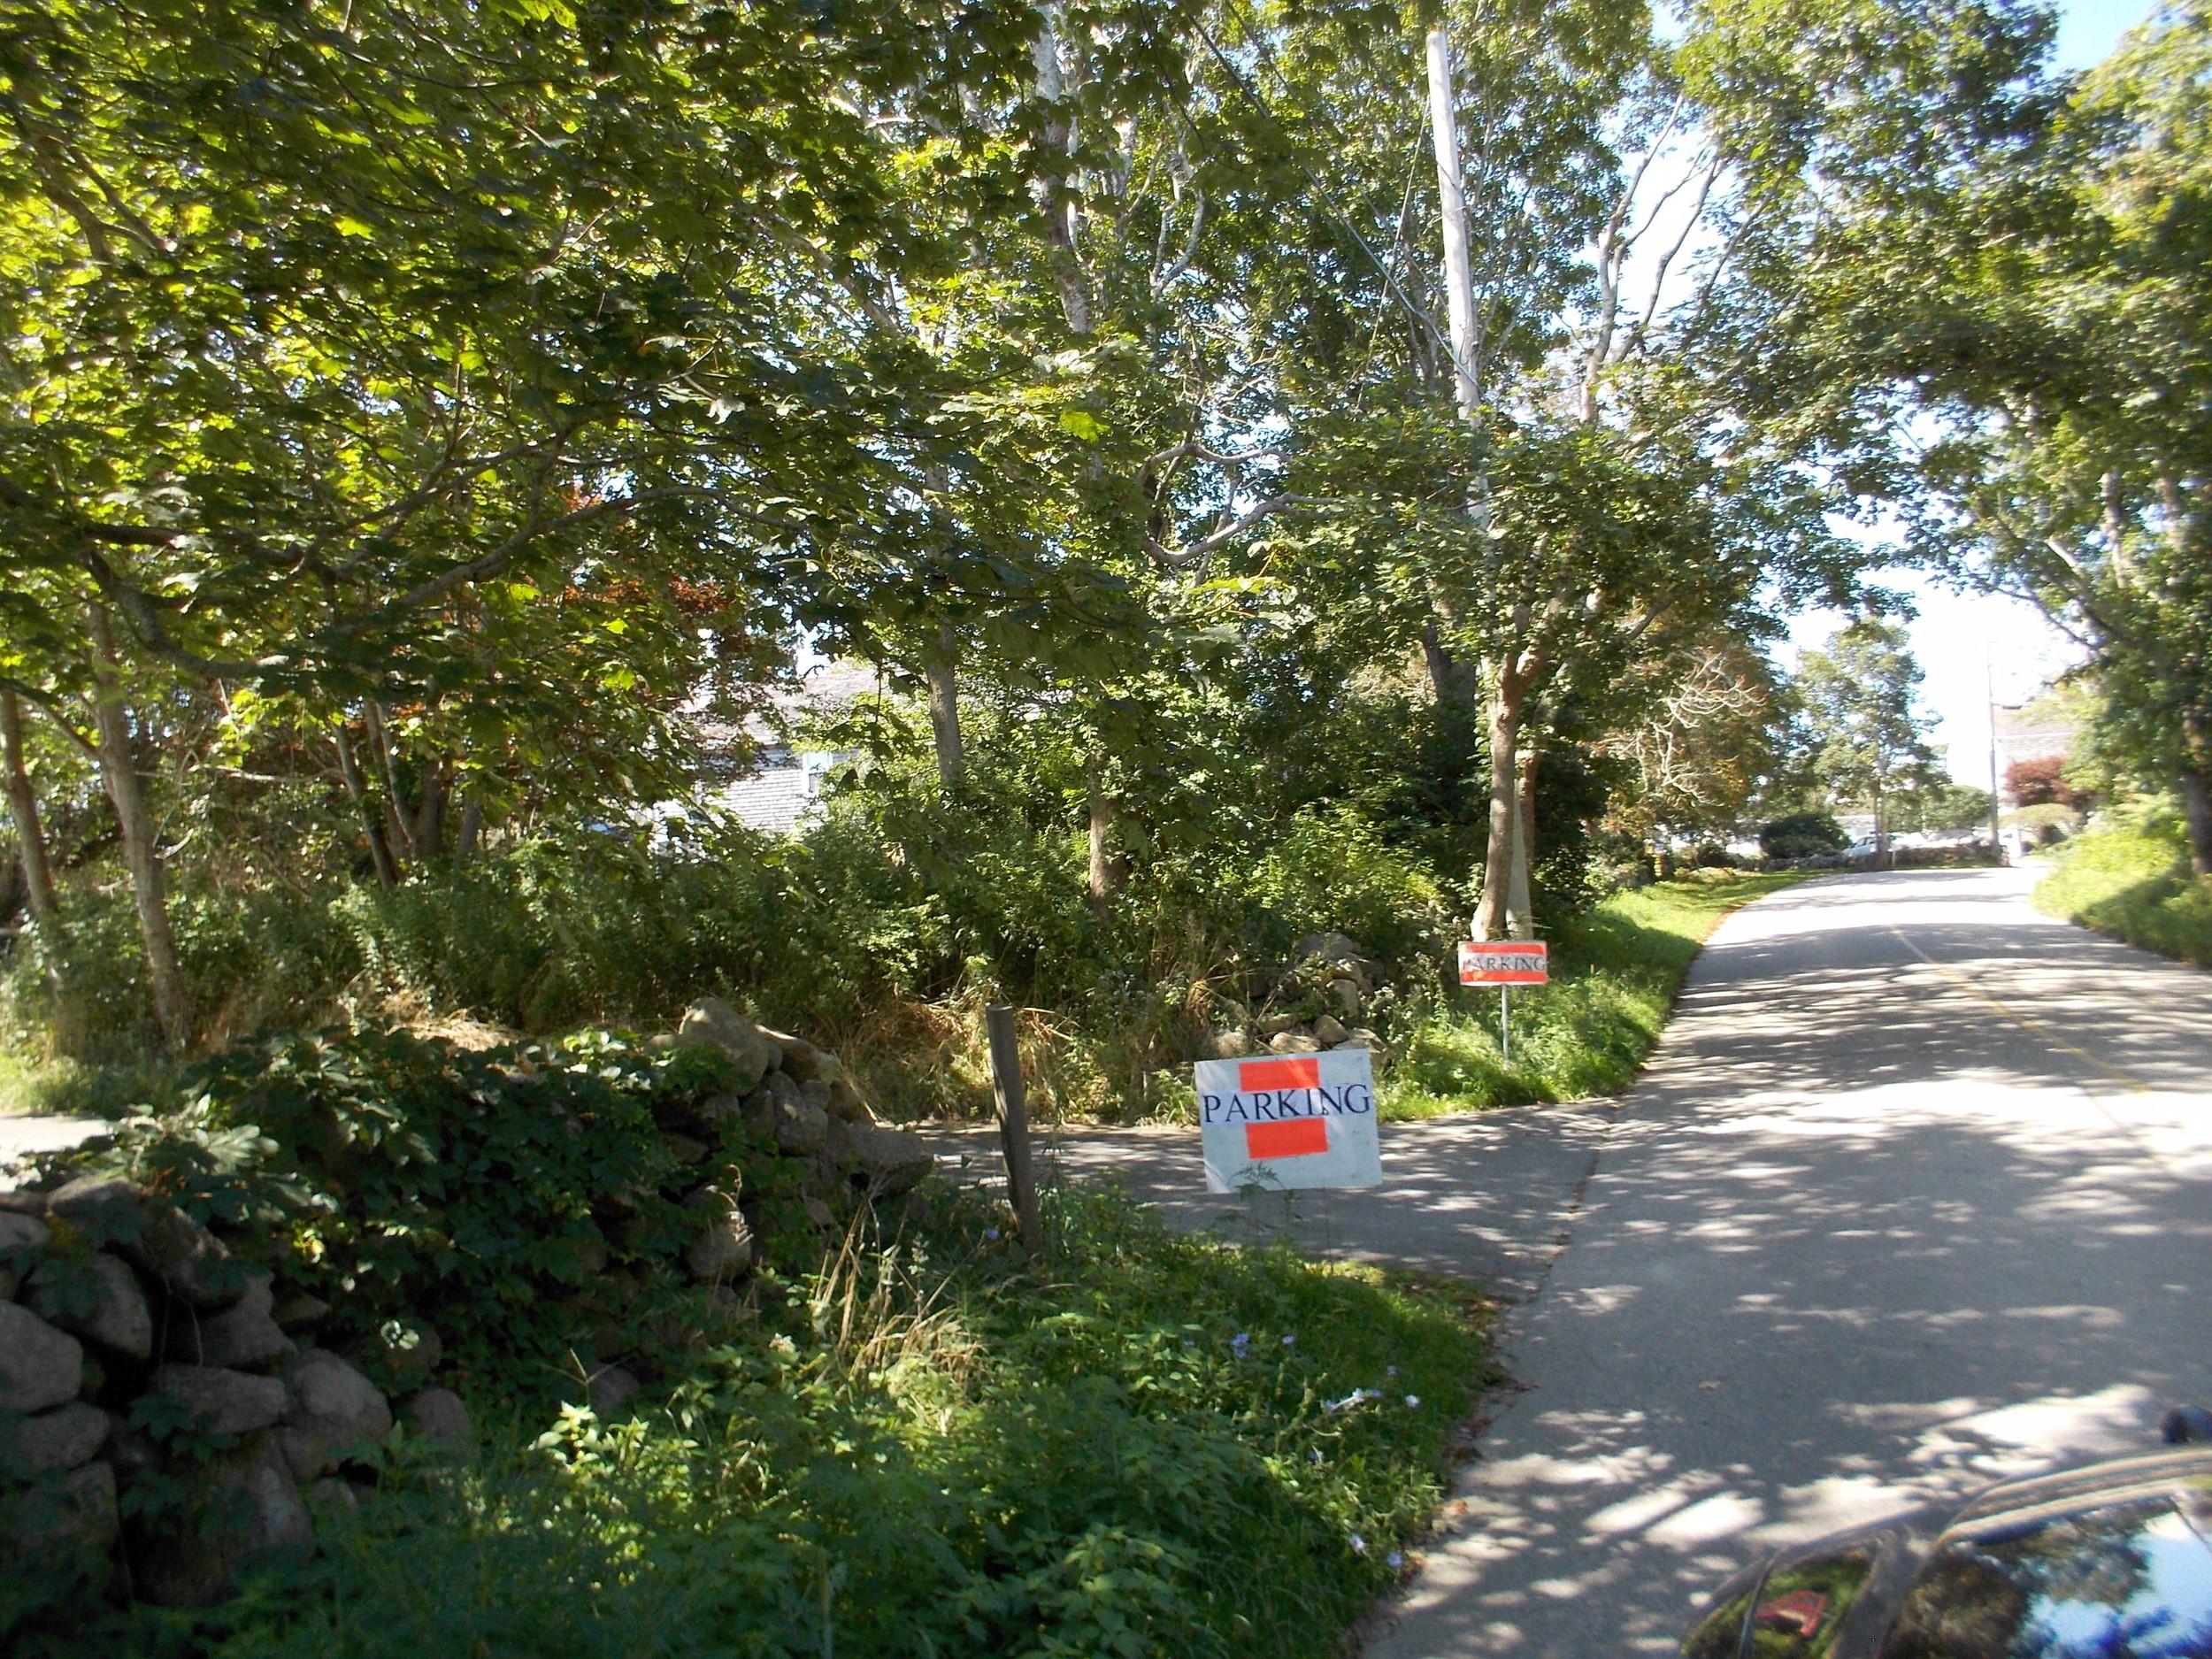 backyard little compton beach parking irks town rhodybeat